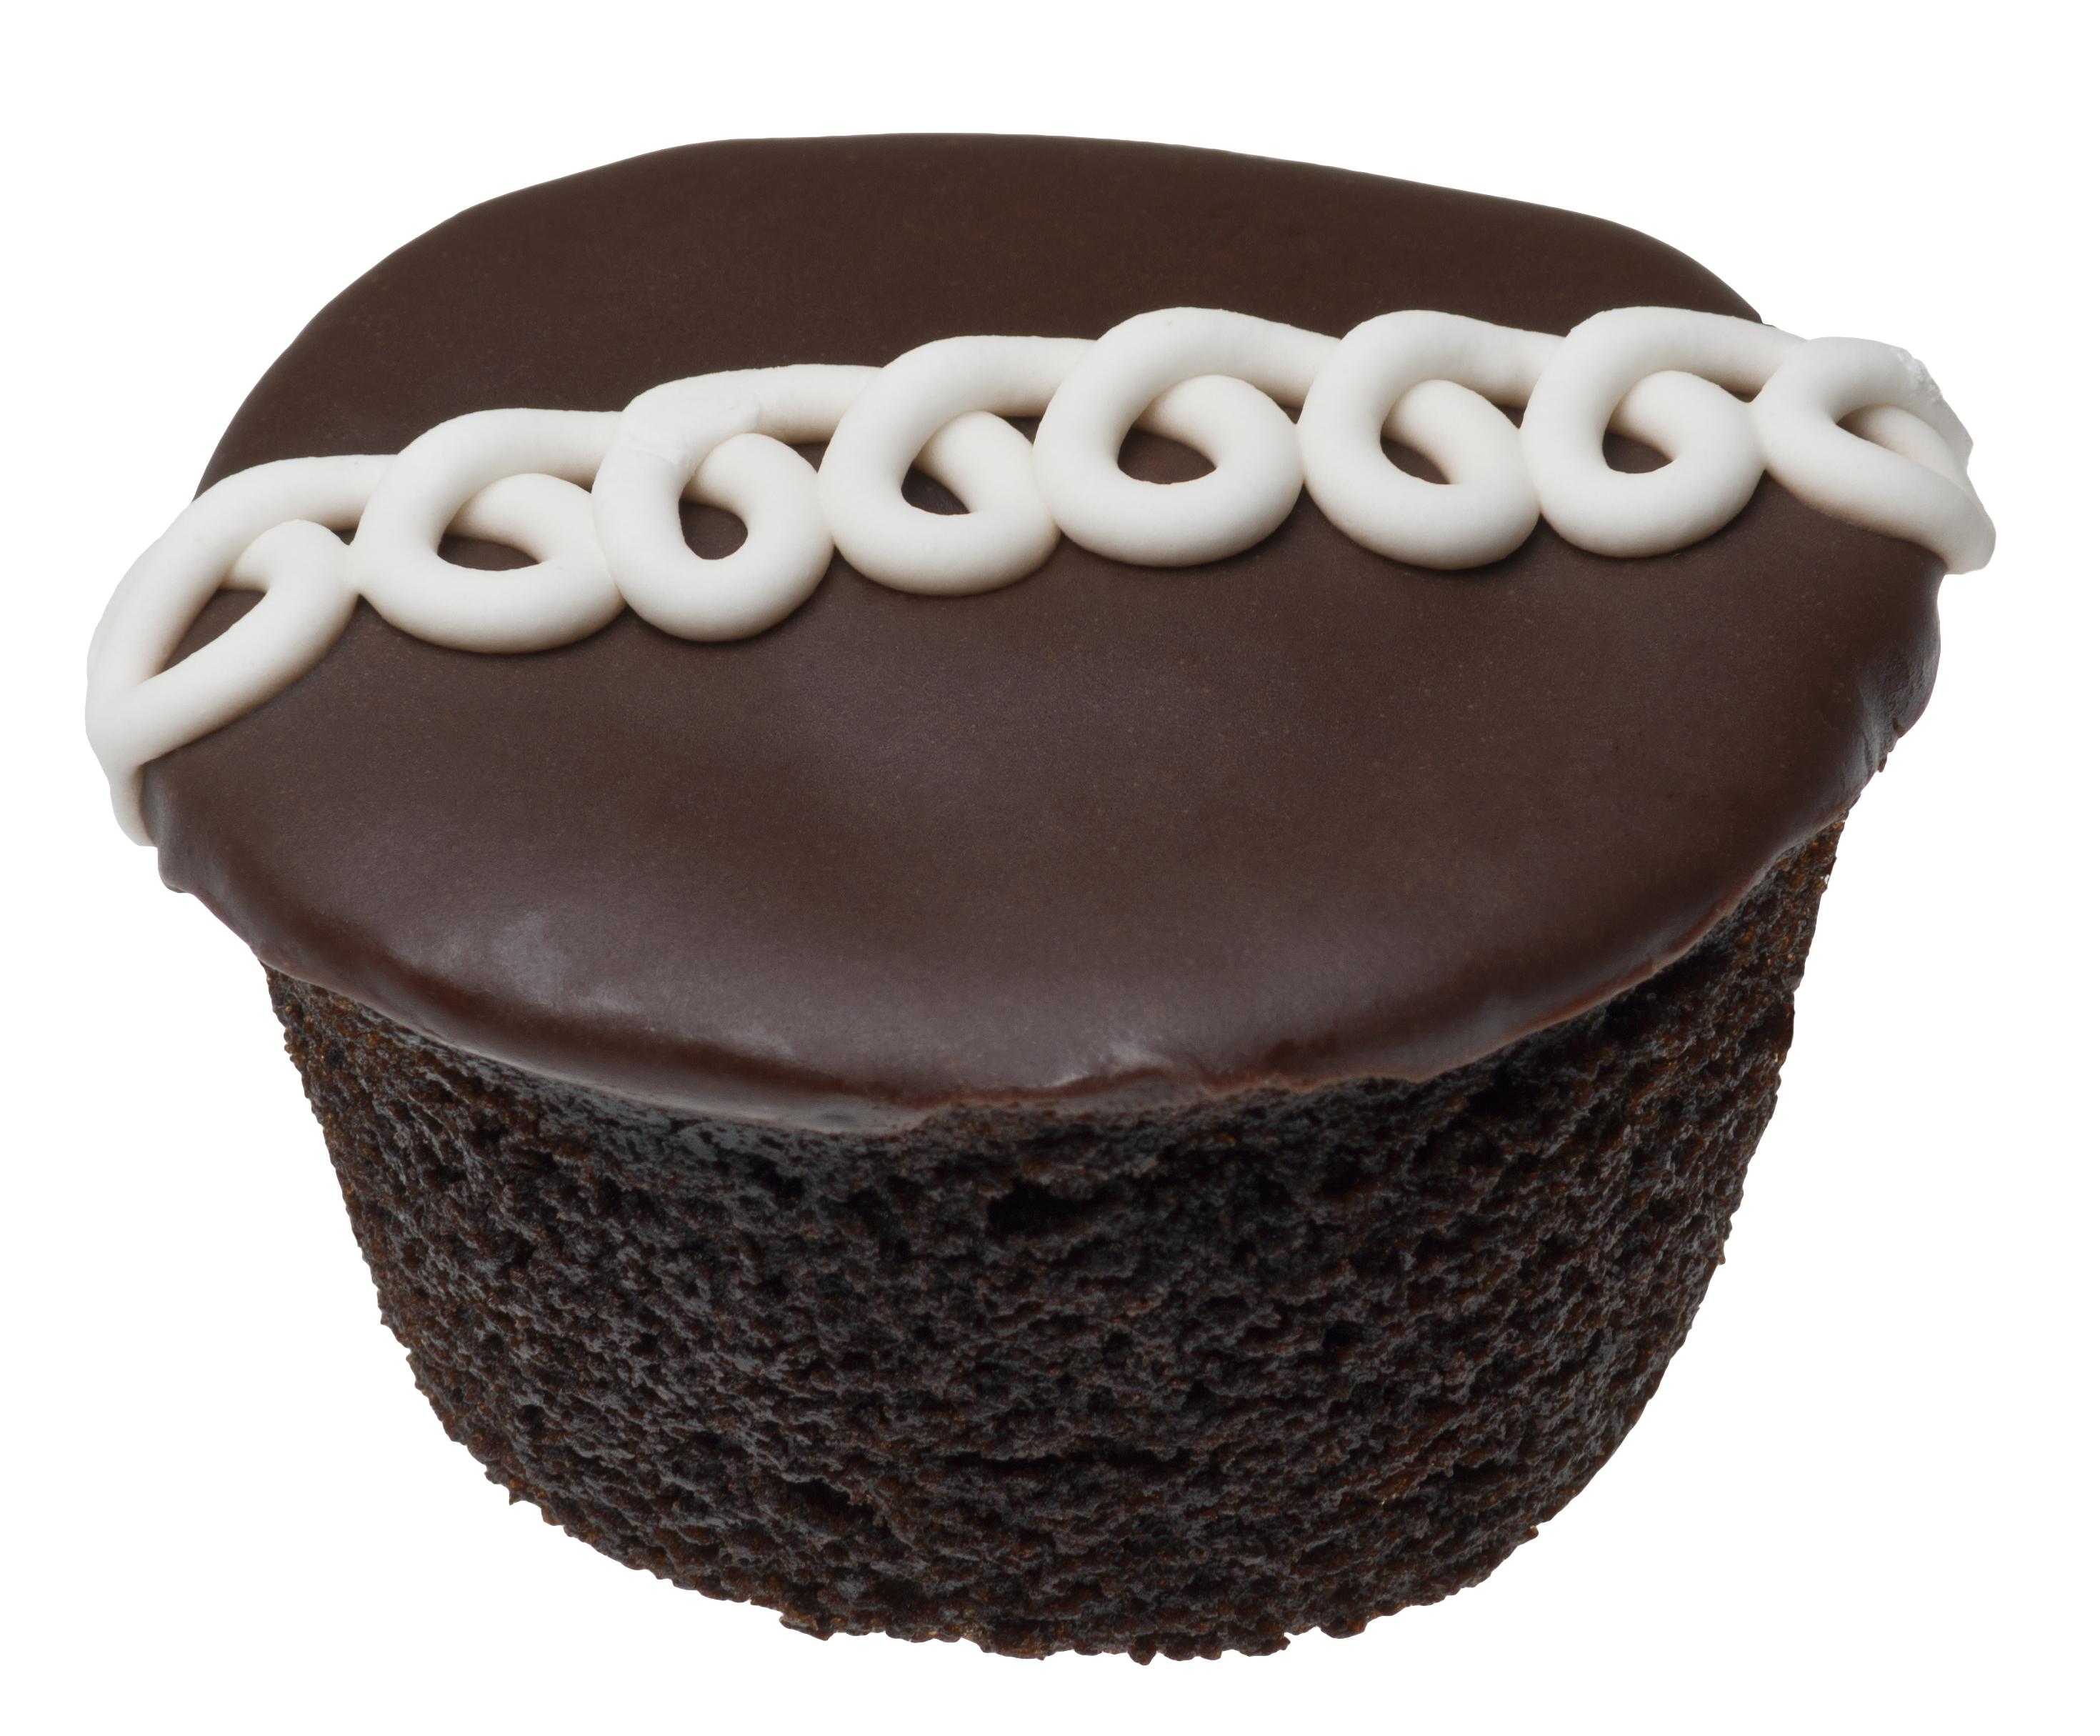 Penguin Cake Recipe